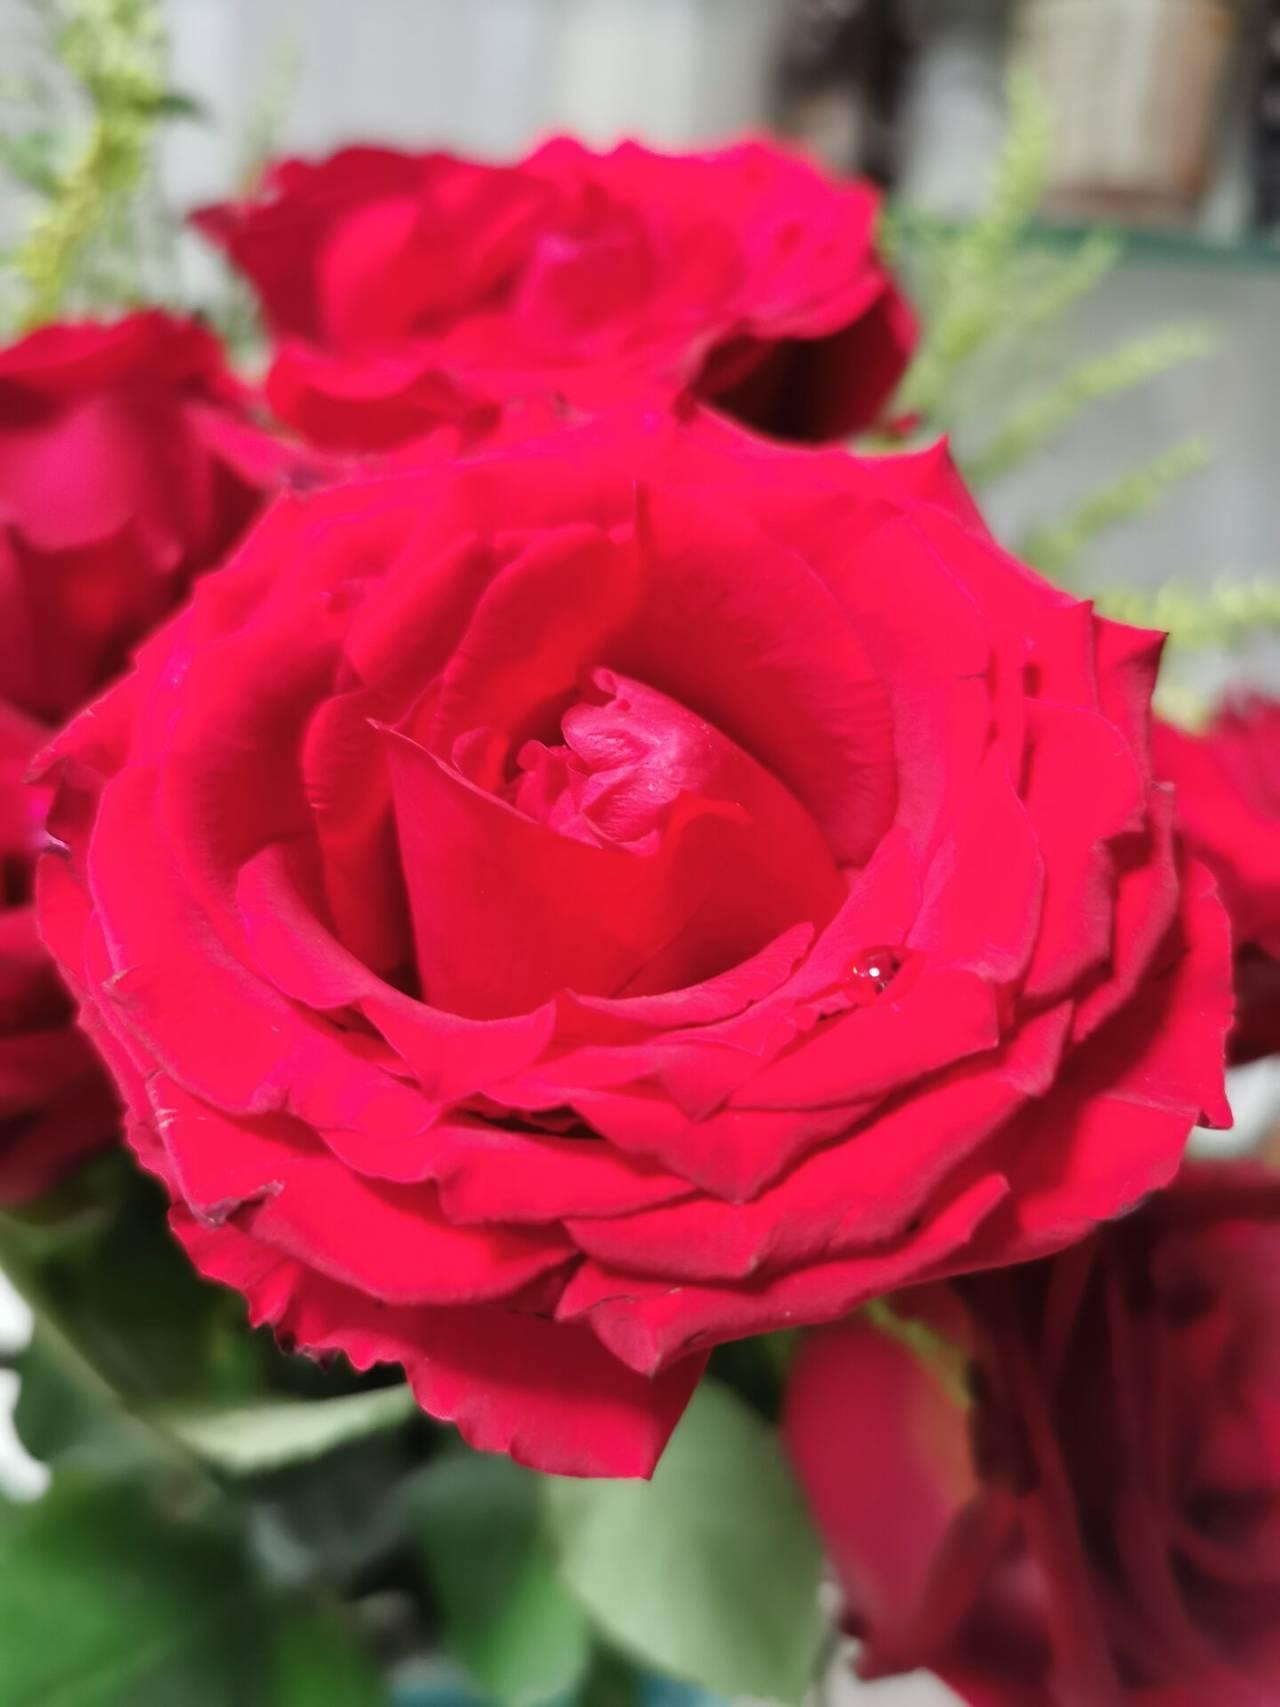 看花老眼之瓶中玫瑰1.jpg